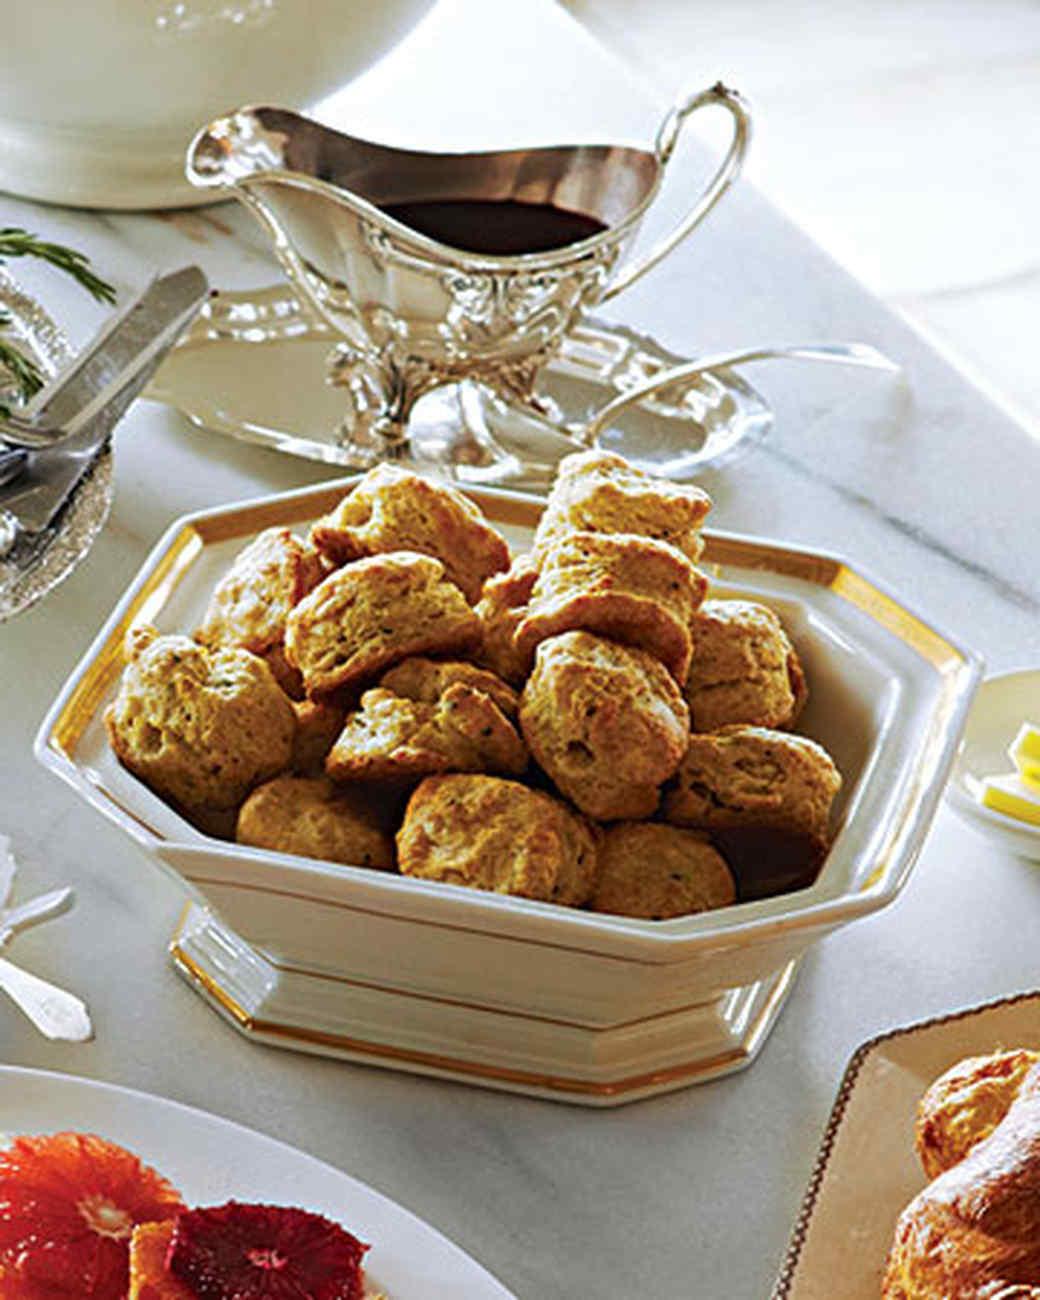 med105767_1210_food174_biscuit.jpg